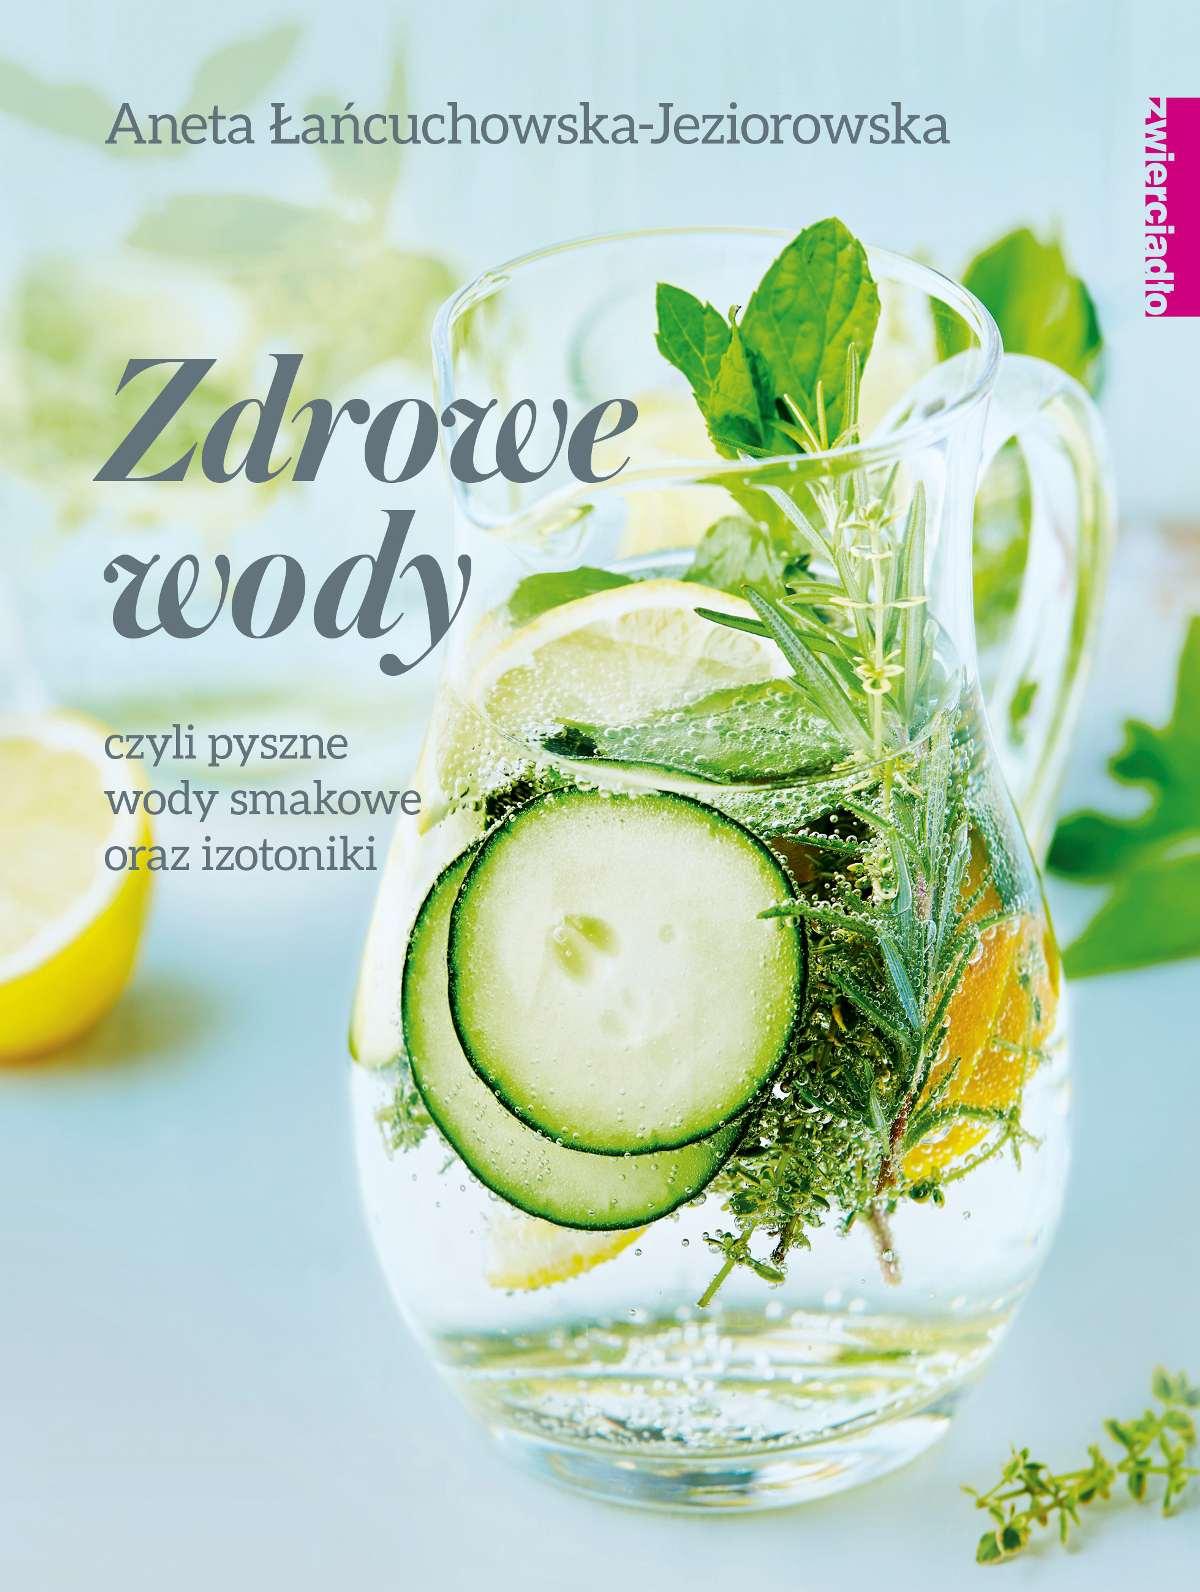 Zdrowe wody czyli pyszne wody smakowe i izotoniki - Ebook (Książka EPUB) do pobrania w formacie EPUB